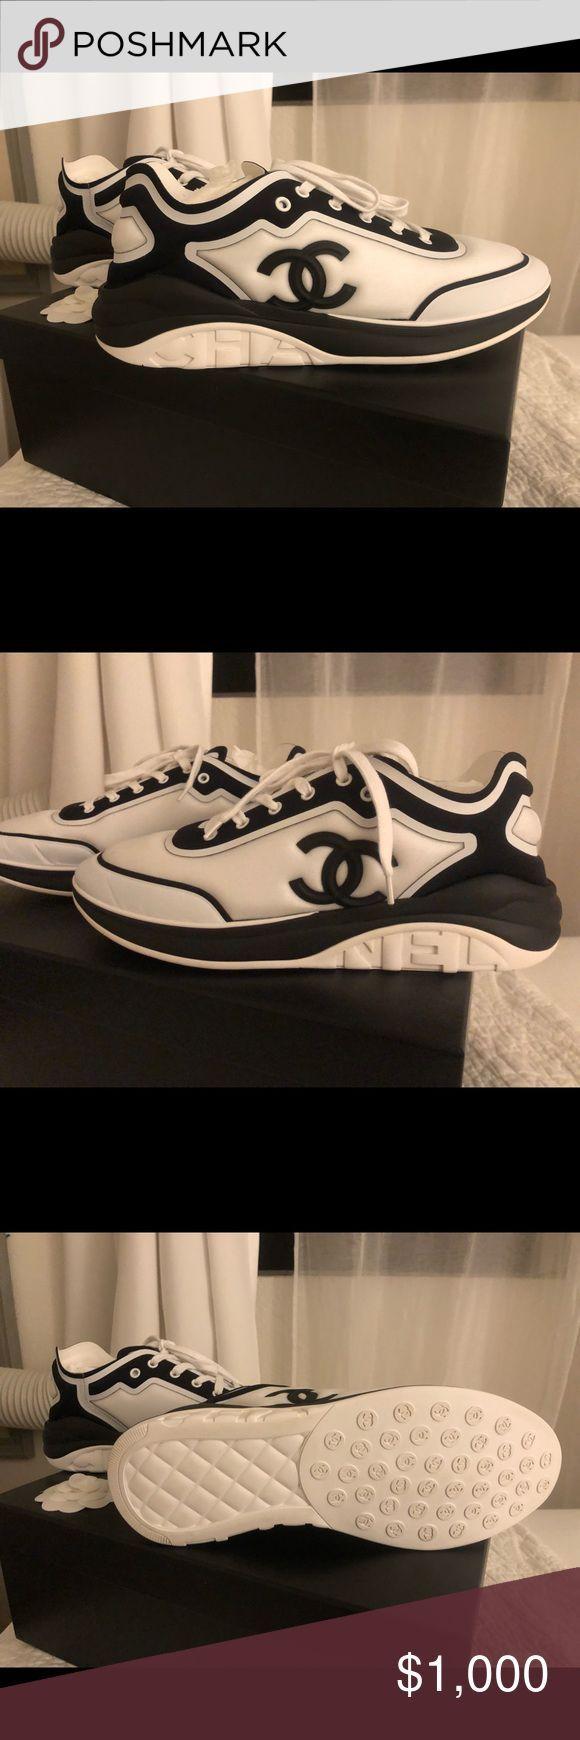 Chanel men's sneaker Size 12 US, 45